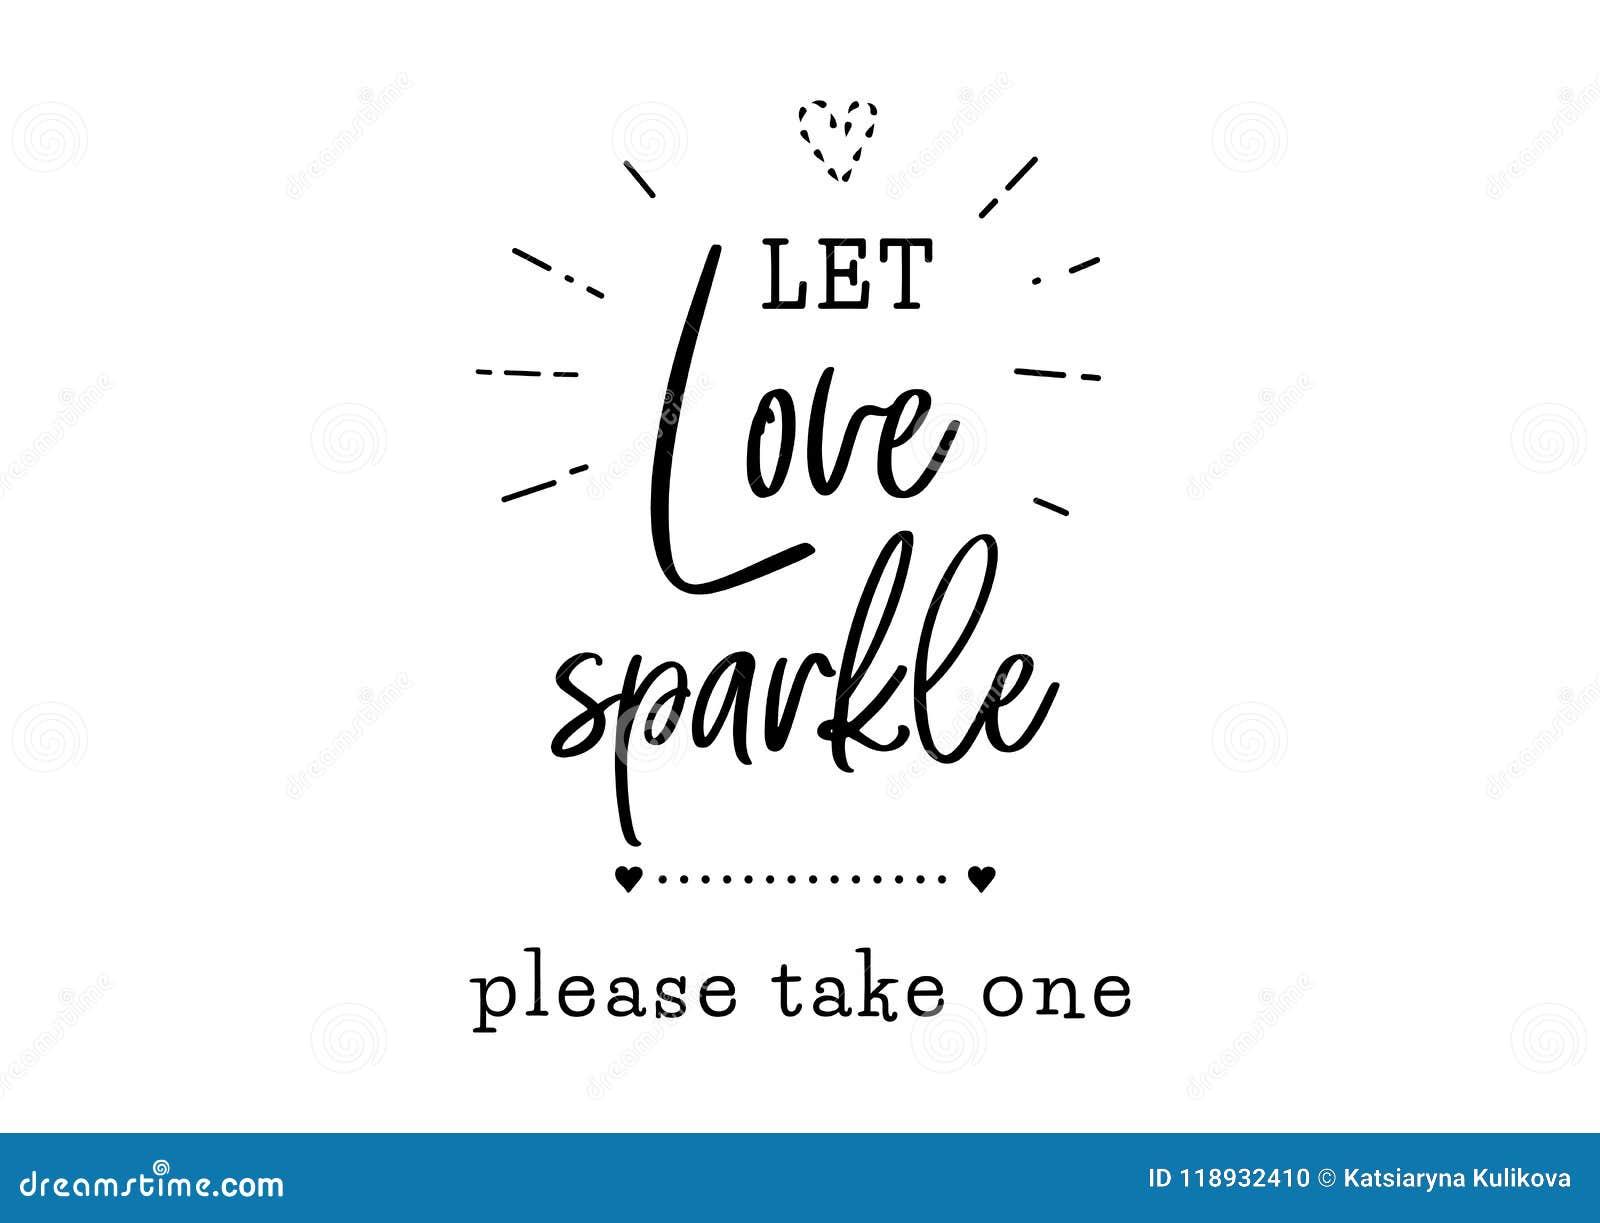 1536+ Let Love Sparkle Svg SVG Images File